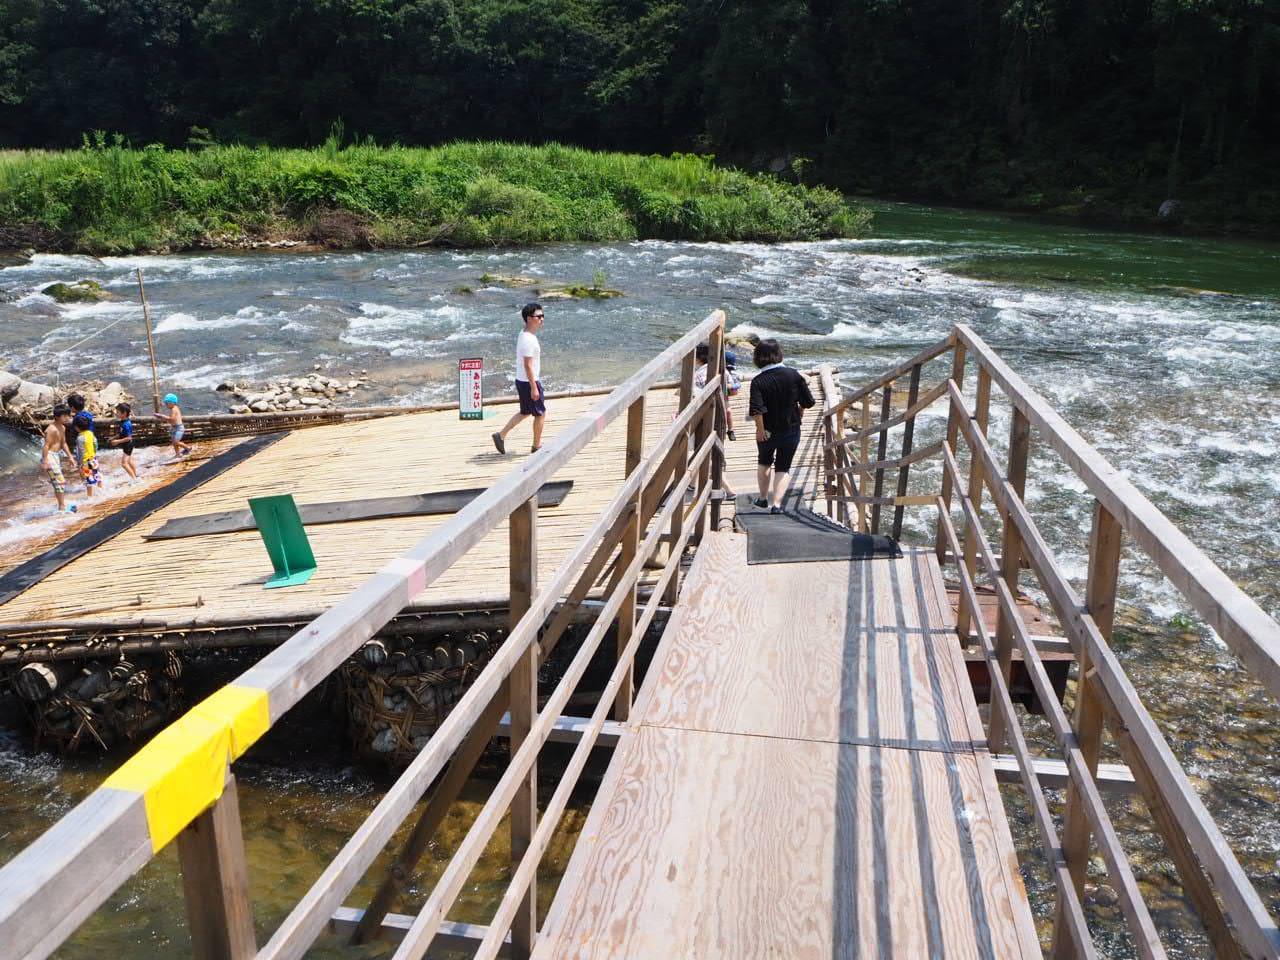 鮎のつかみ取りまでいく橋の上